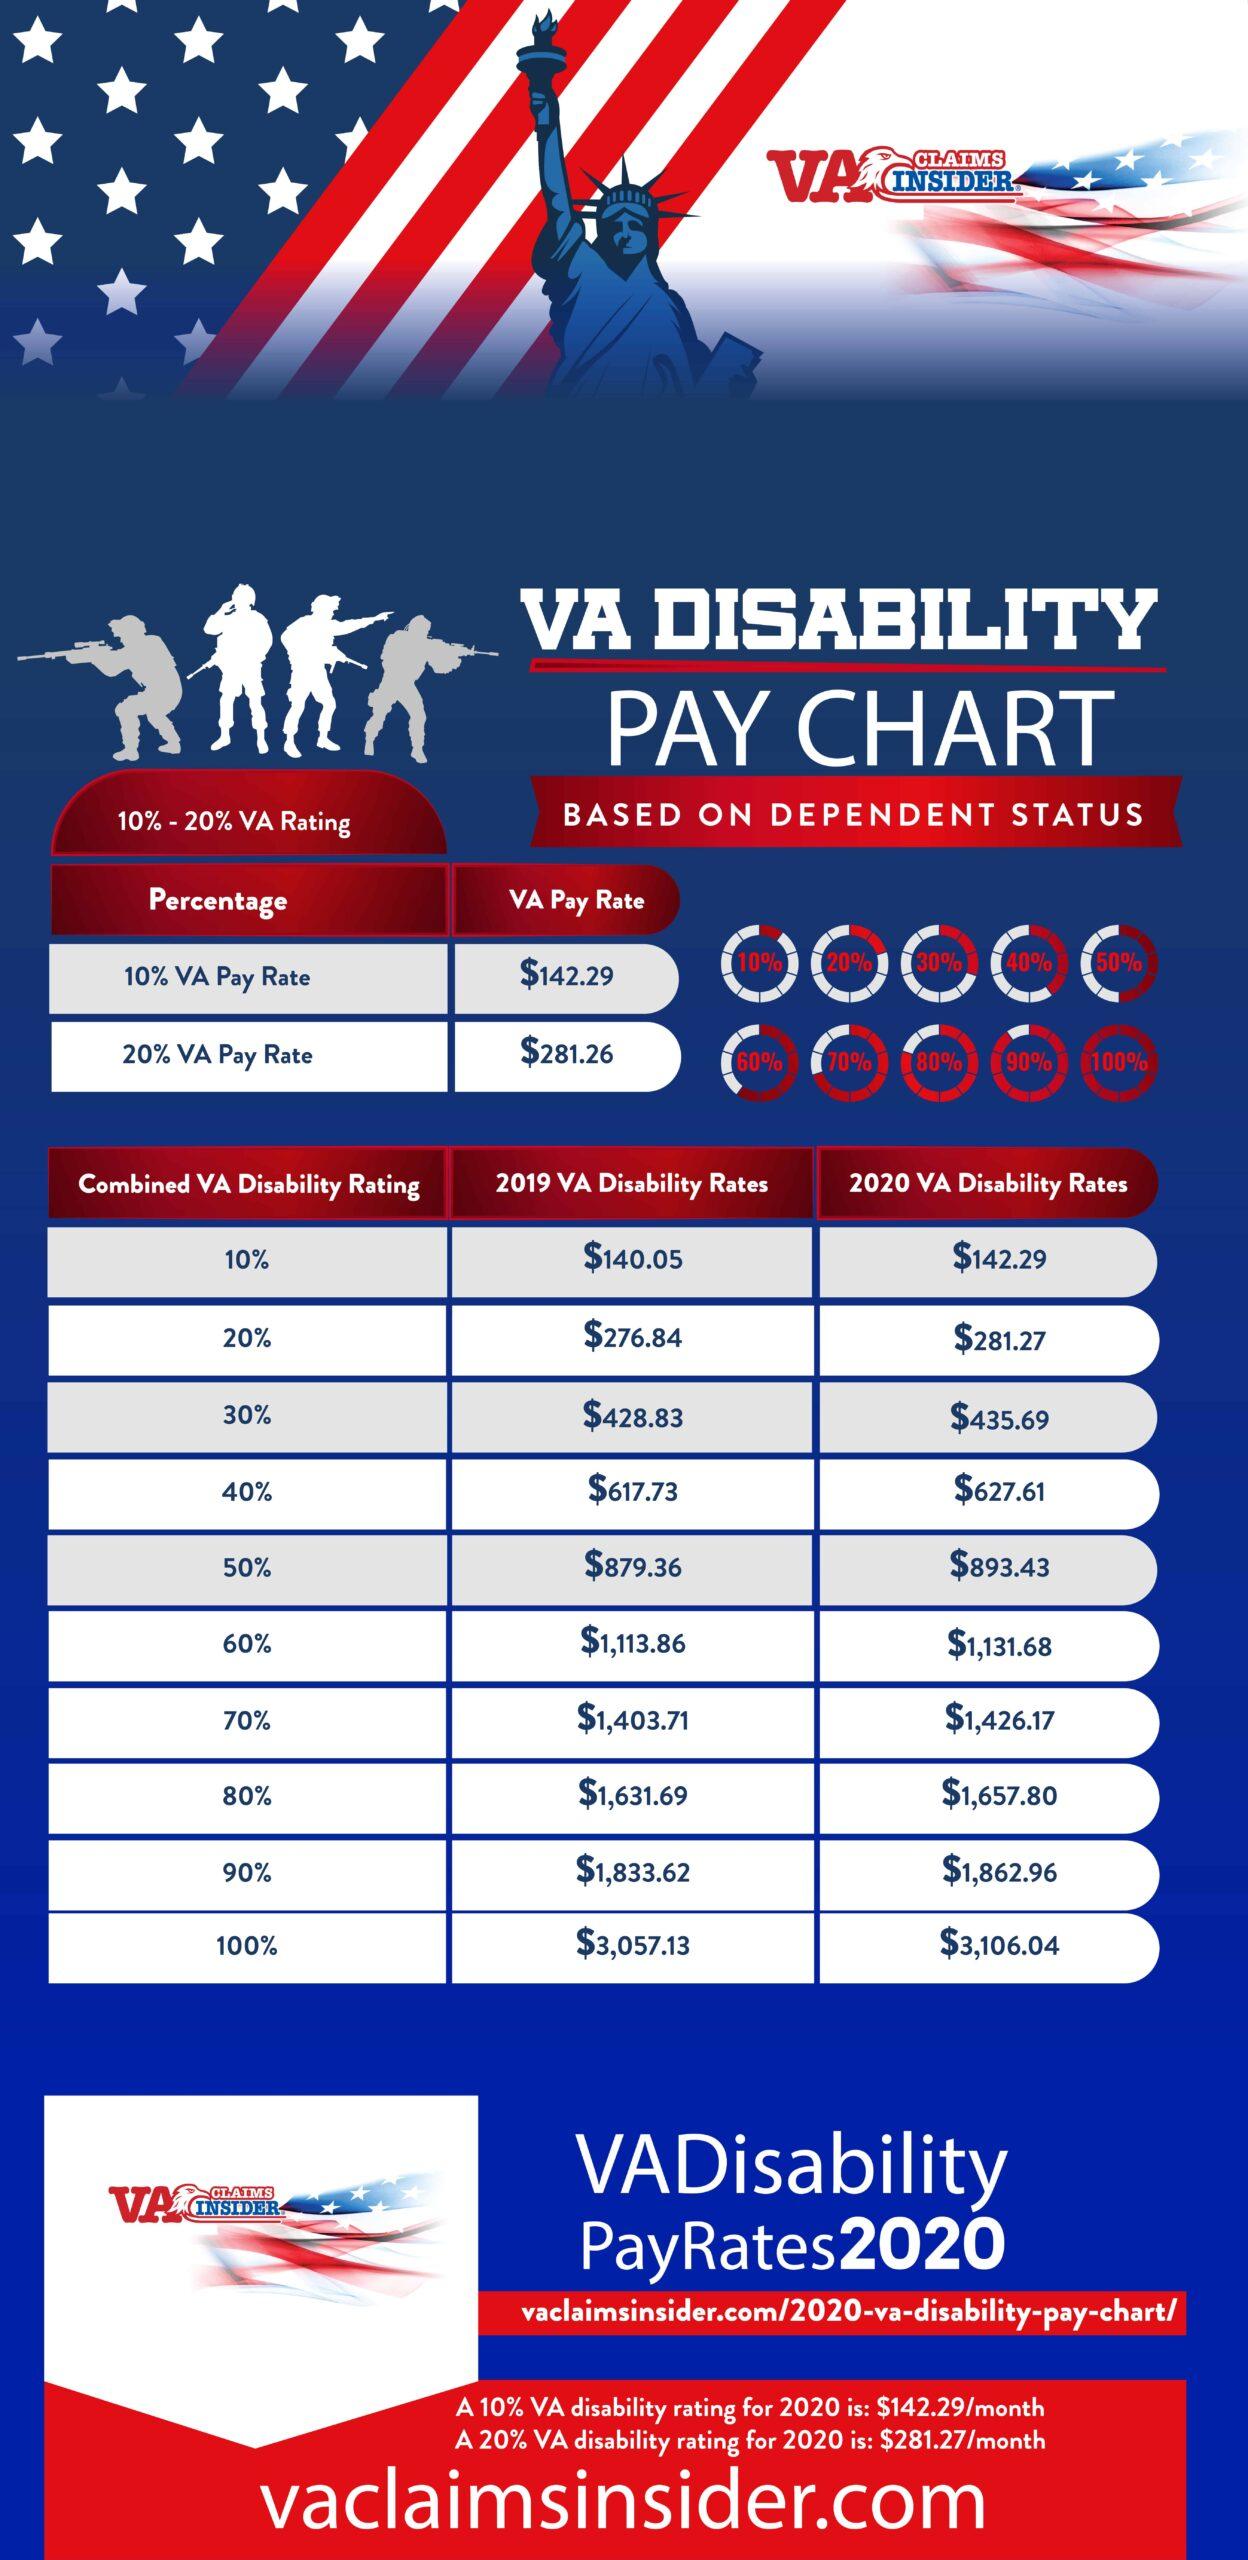 Va Disability Pay Chart